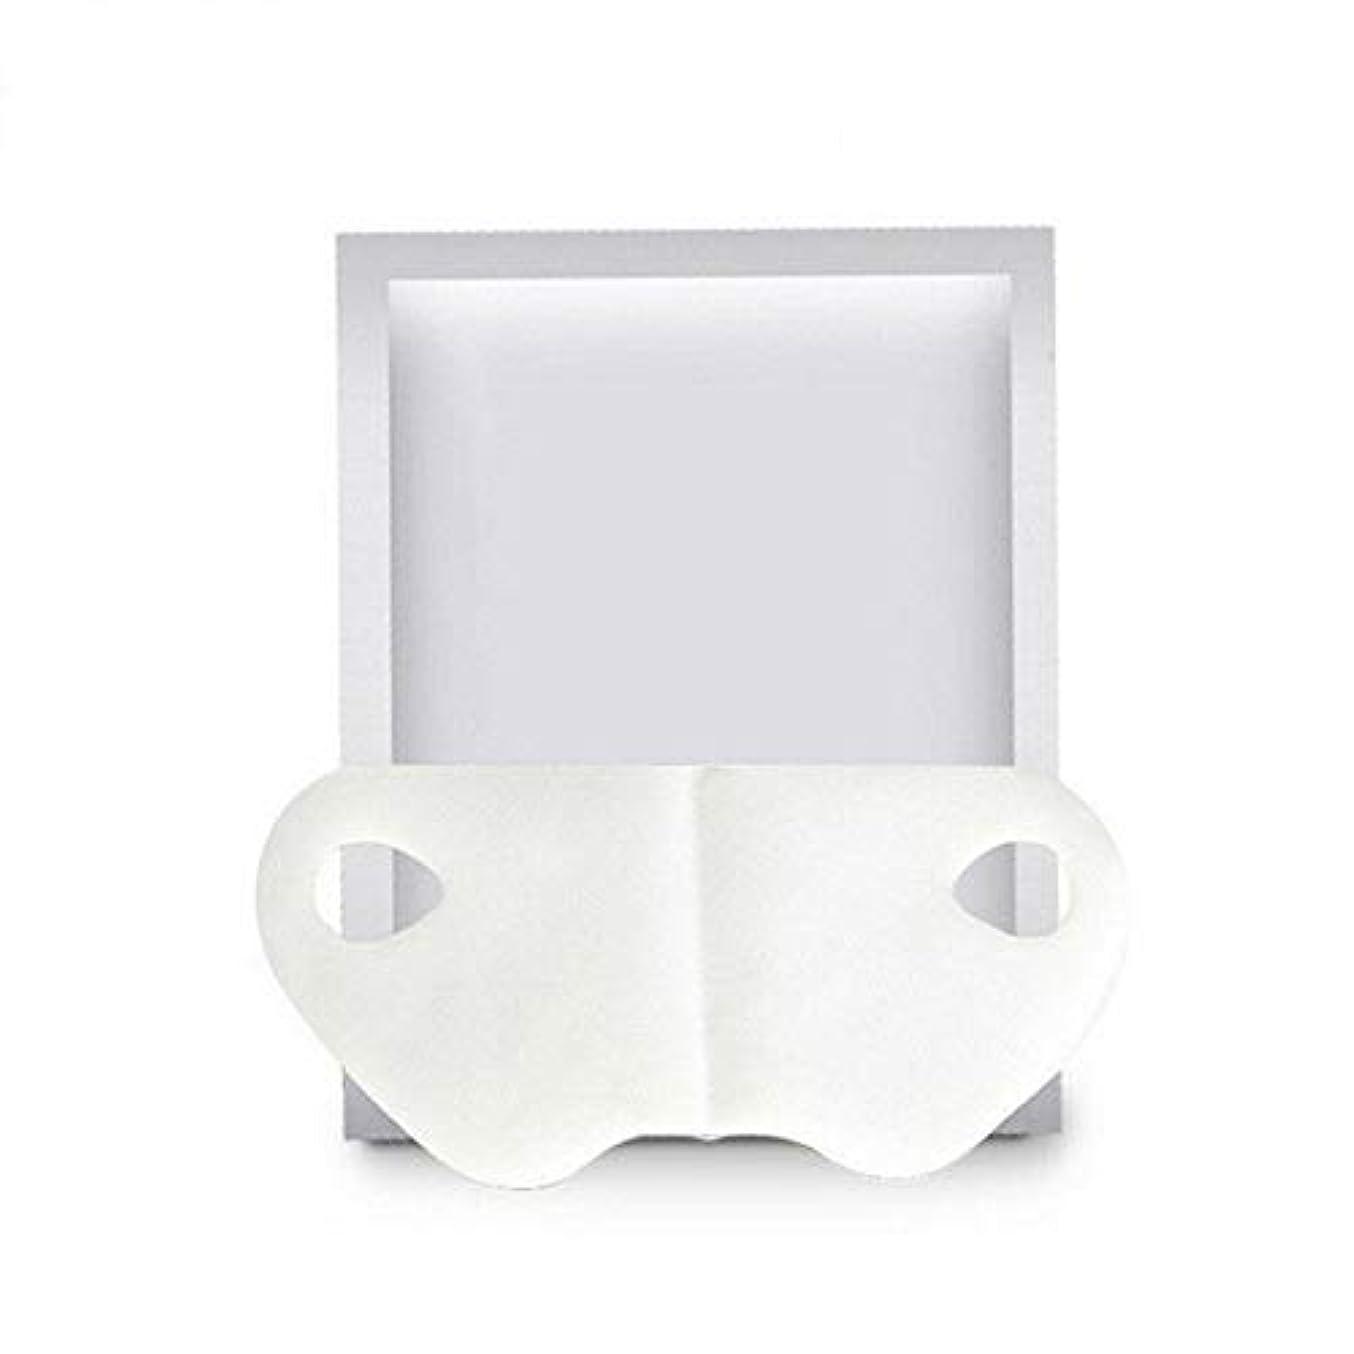 地中海例外割り当てるAylincool   保湿フェイスファーミングマスクをホワイトニングするV字型スリミングフェイスマスク